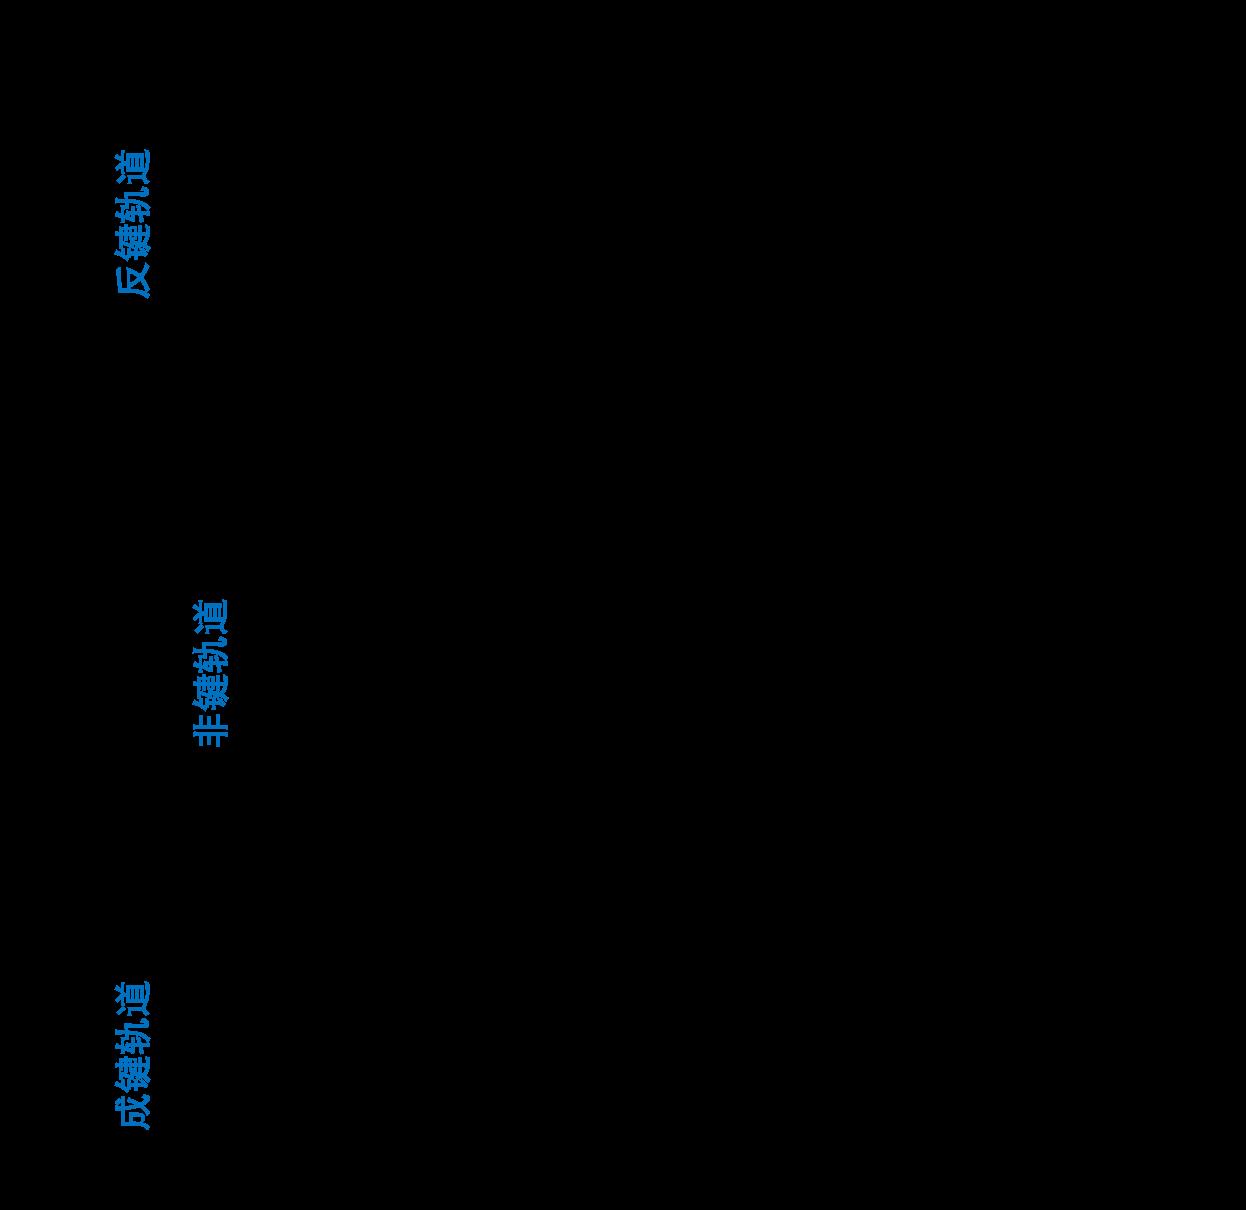 一文详解化学结构的表征方法 演示参考图6